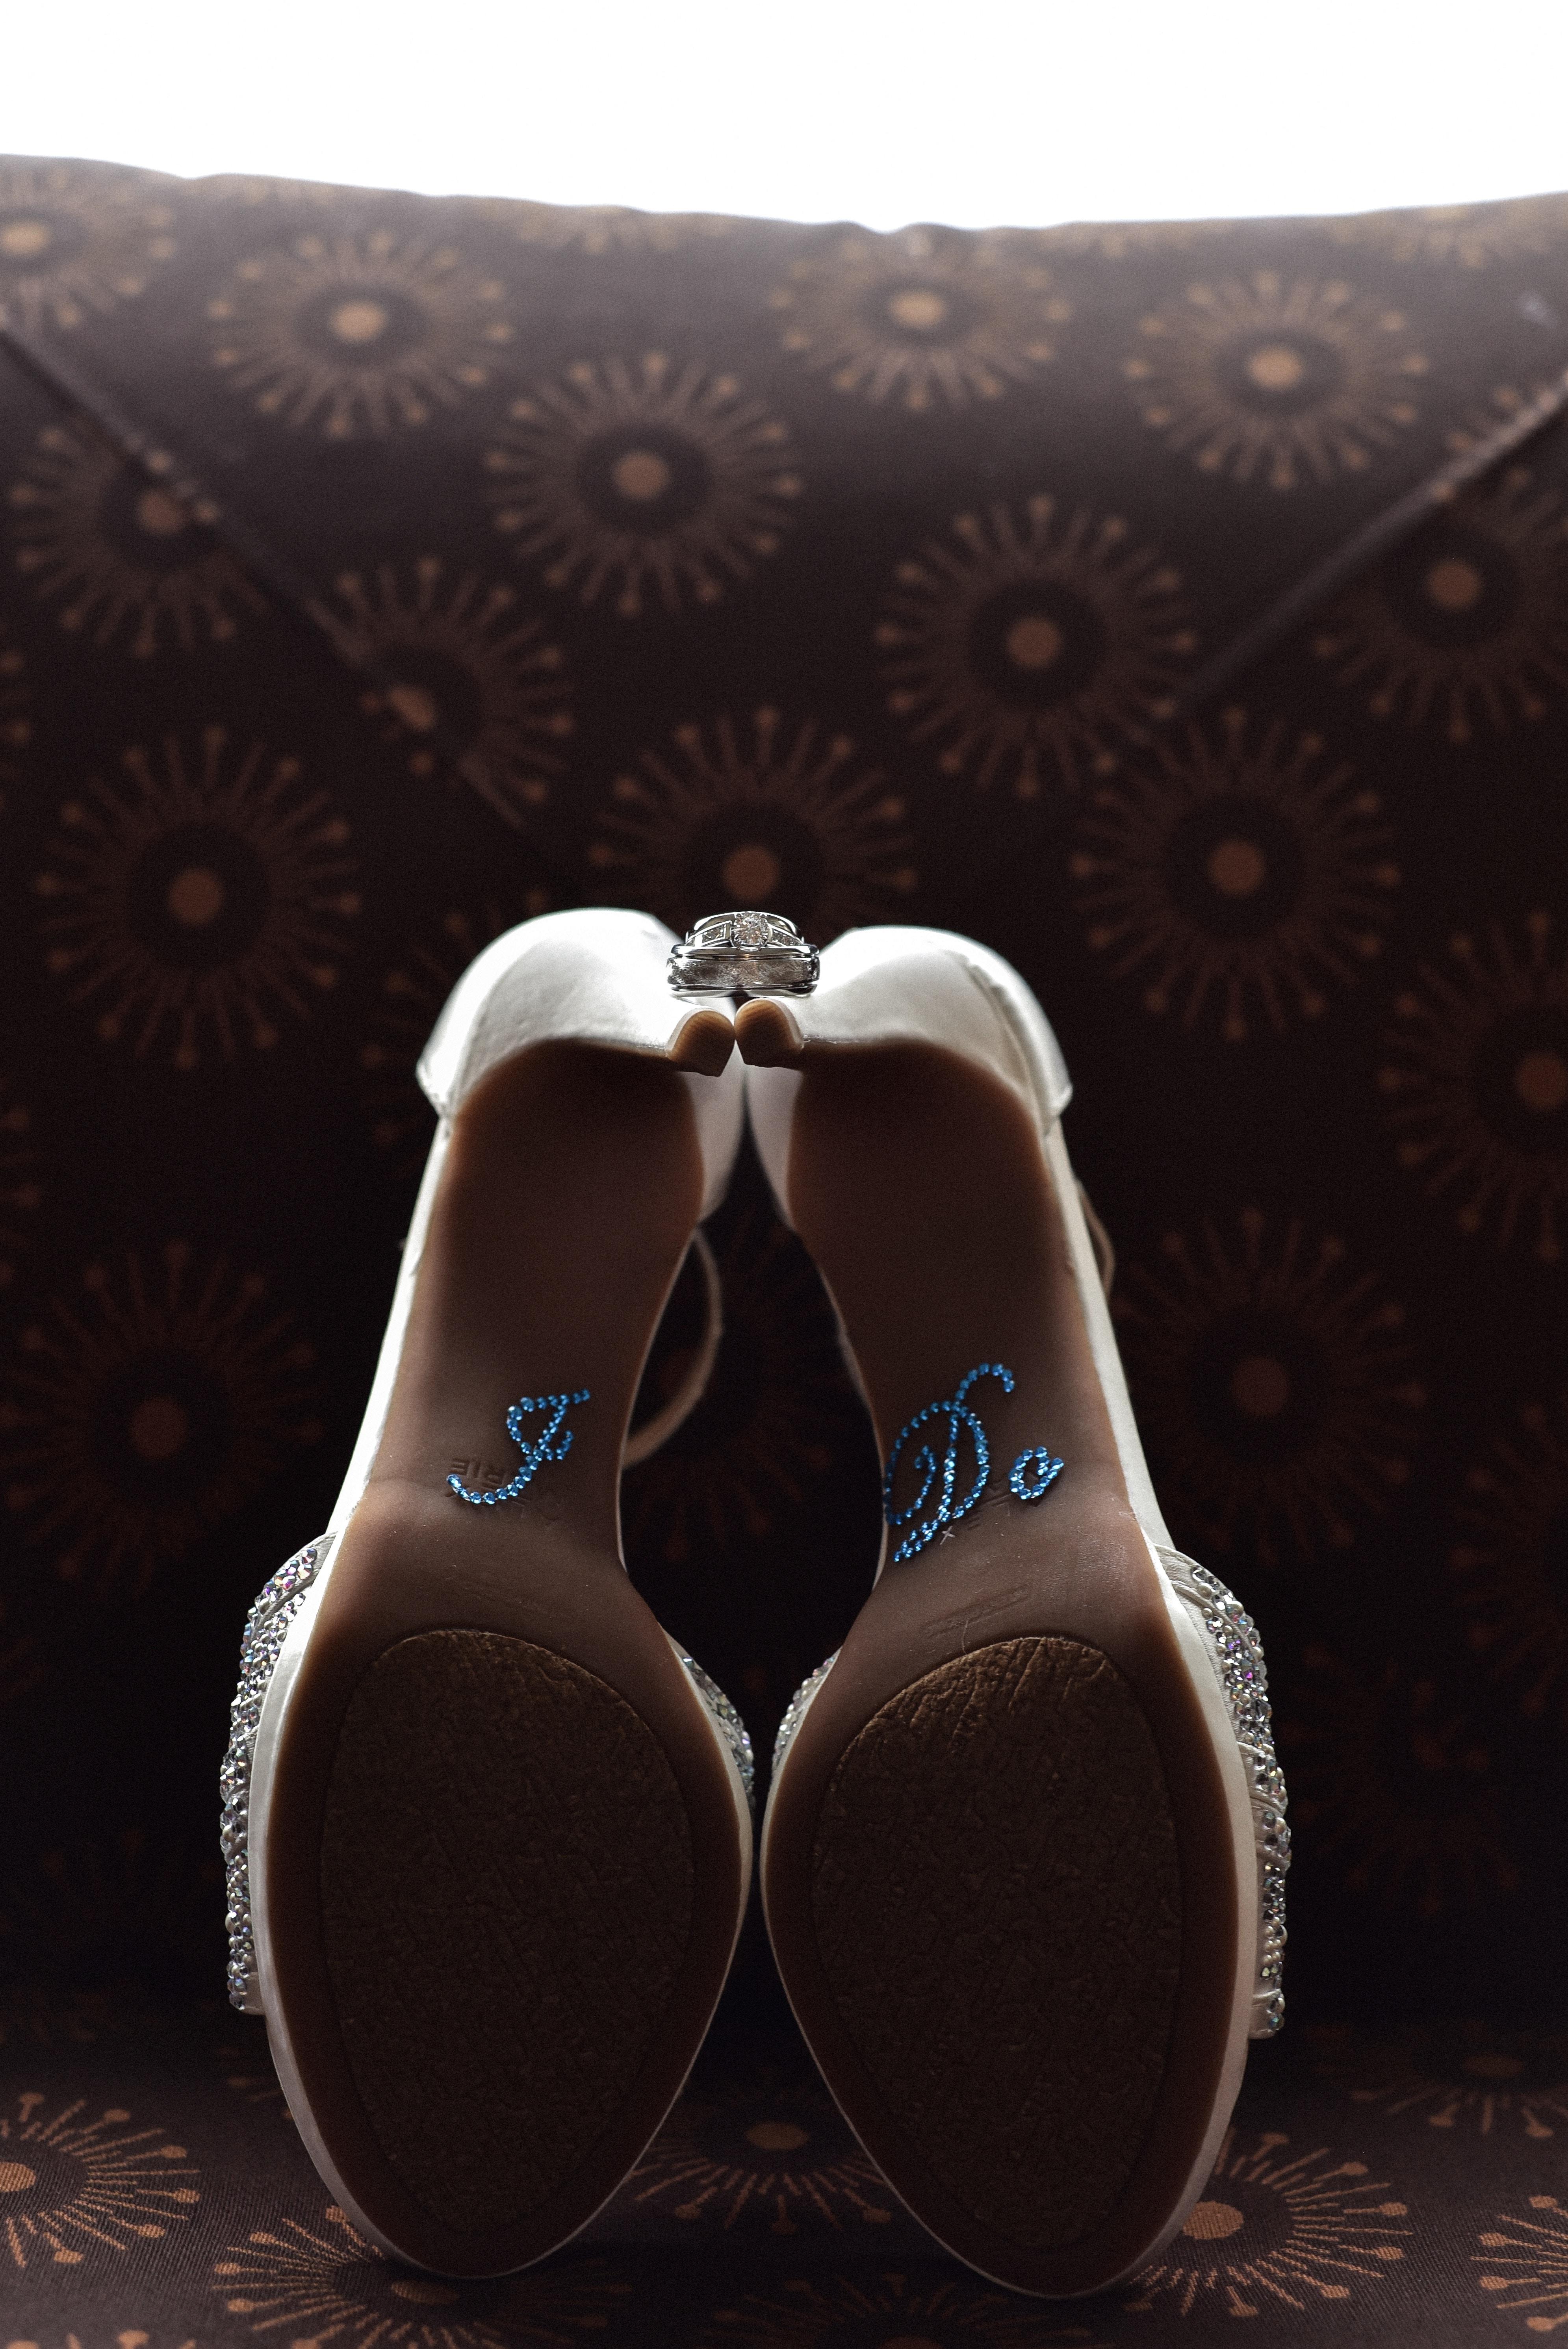 pair of white stiletto shoes